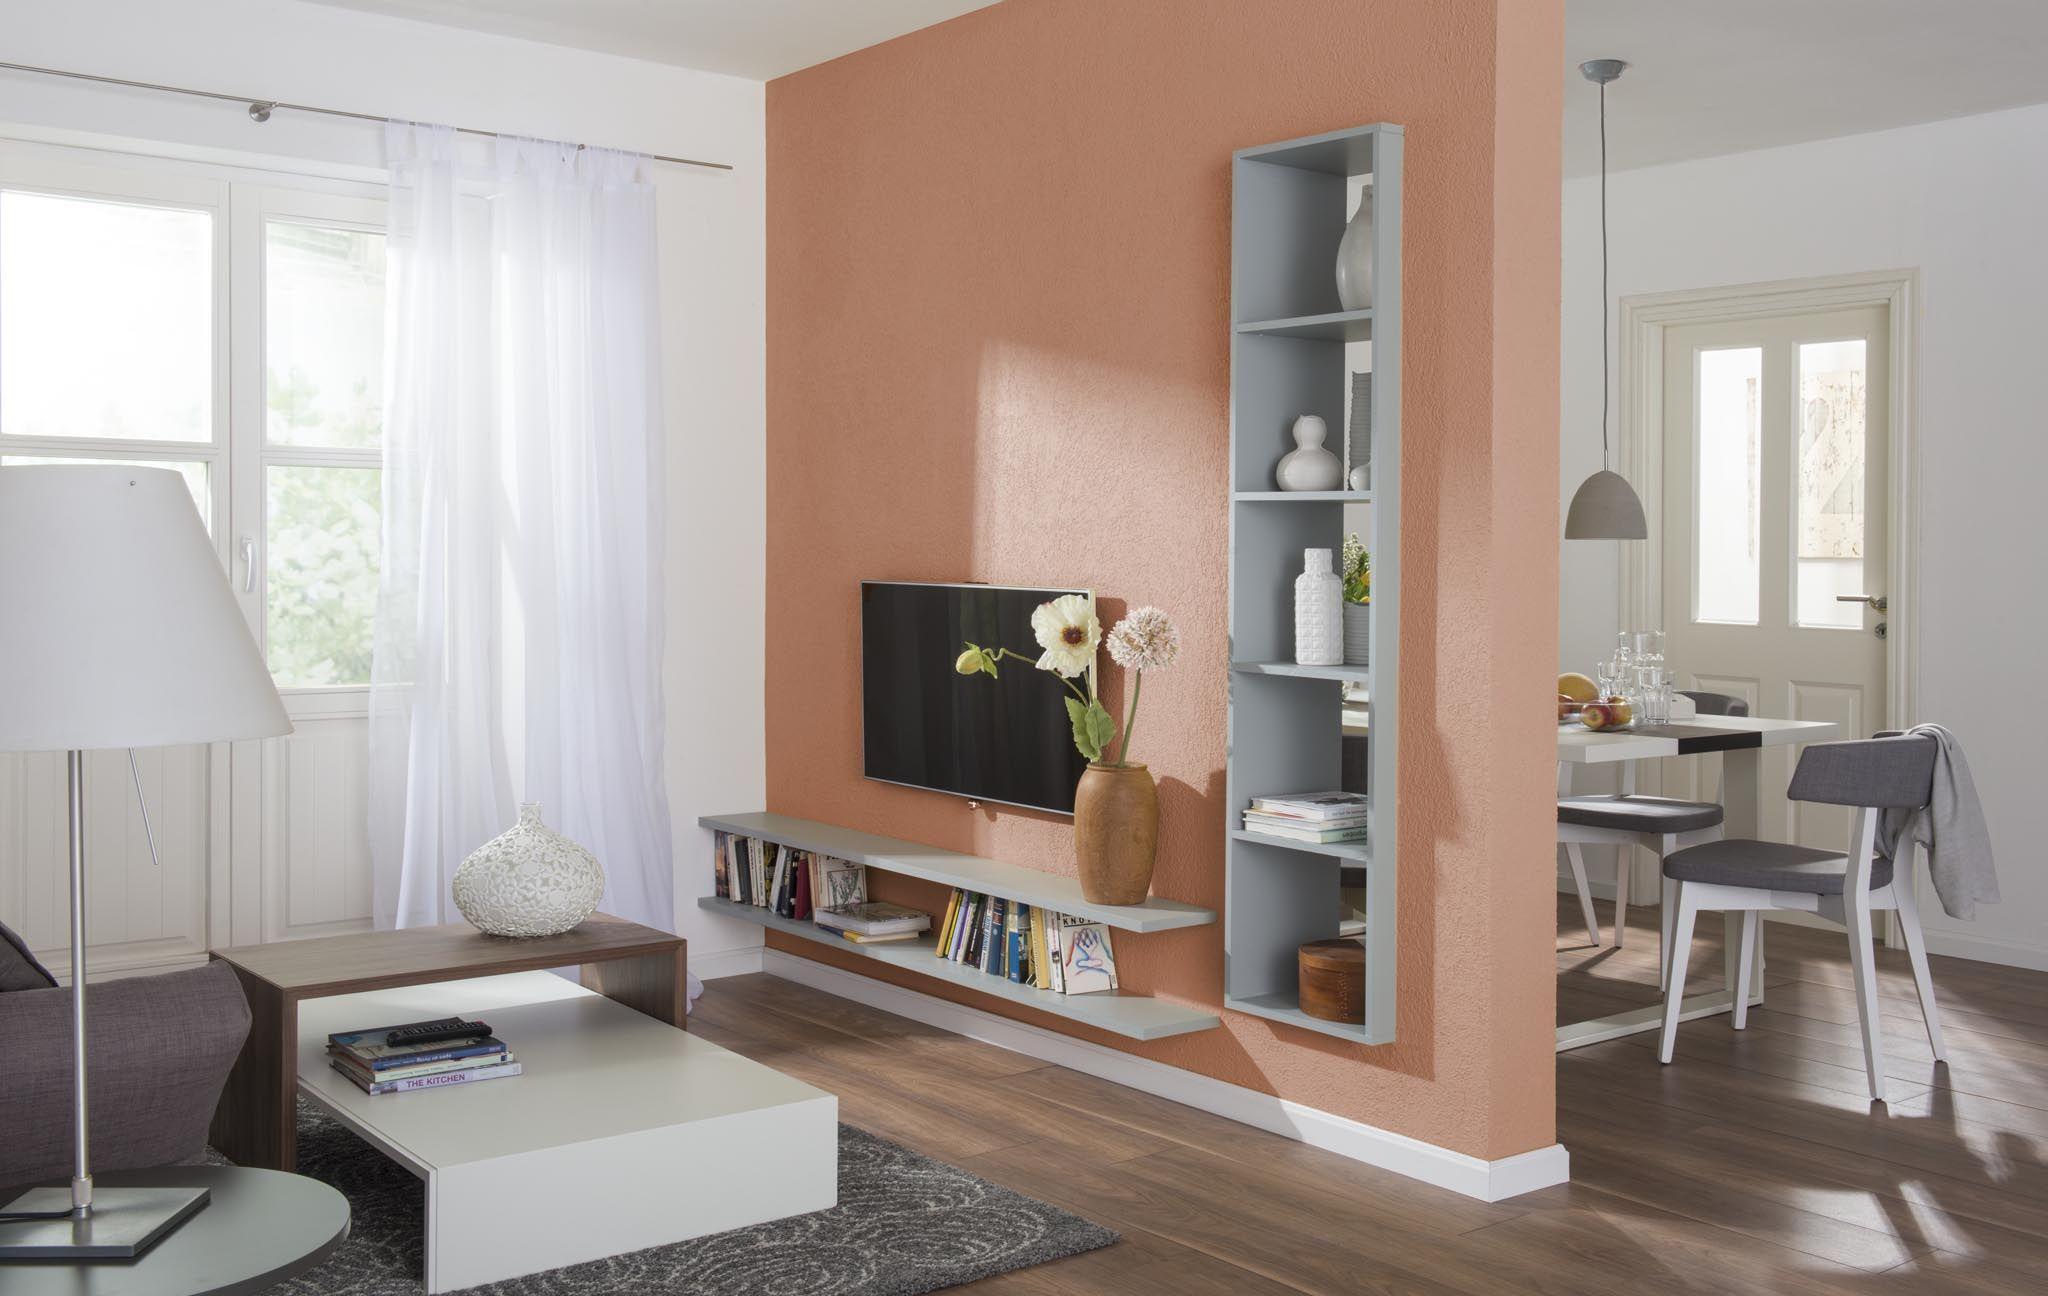 kleines wohnzimmer richtig einrichten | bungalow haus bauen | Pinterest